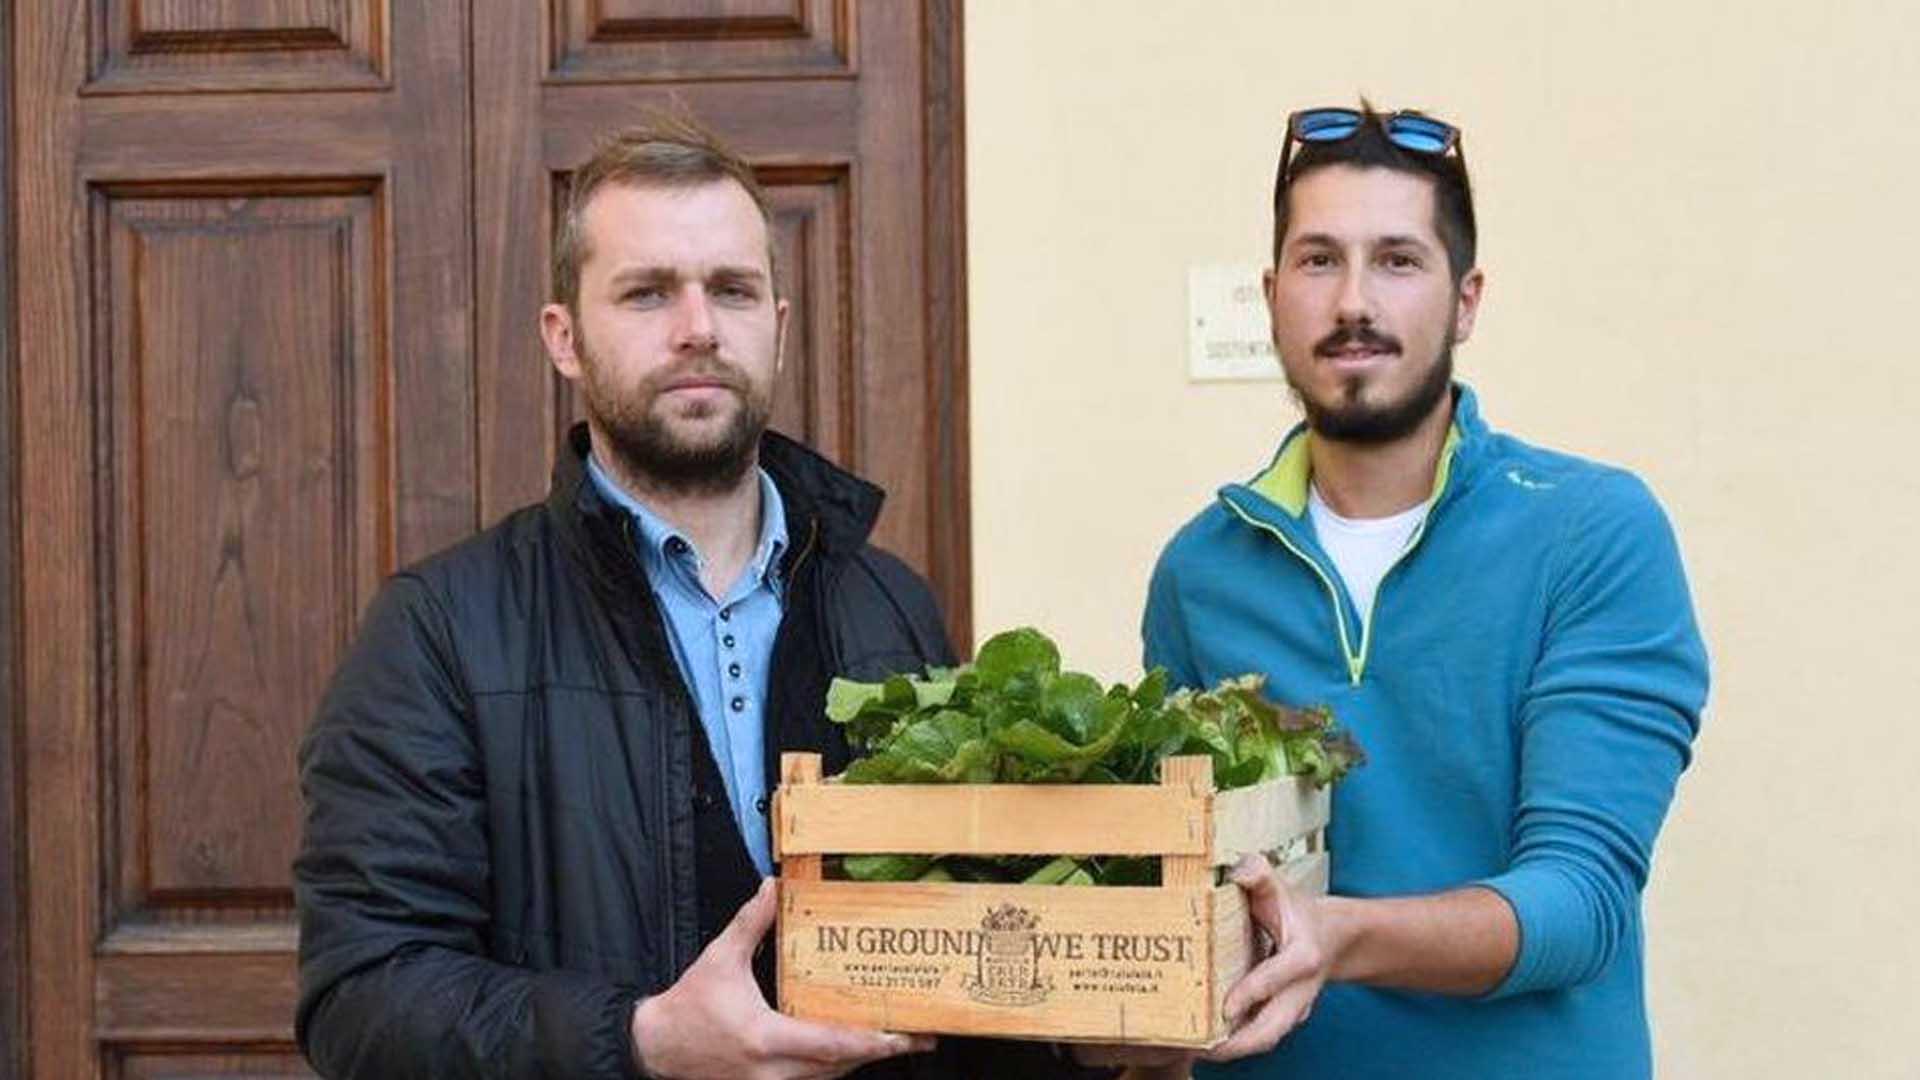 Marco Žilijak e Luca Angeli sono due giovani agricoltori (Foto Sernacchioli)